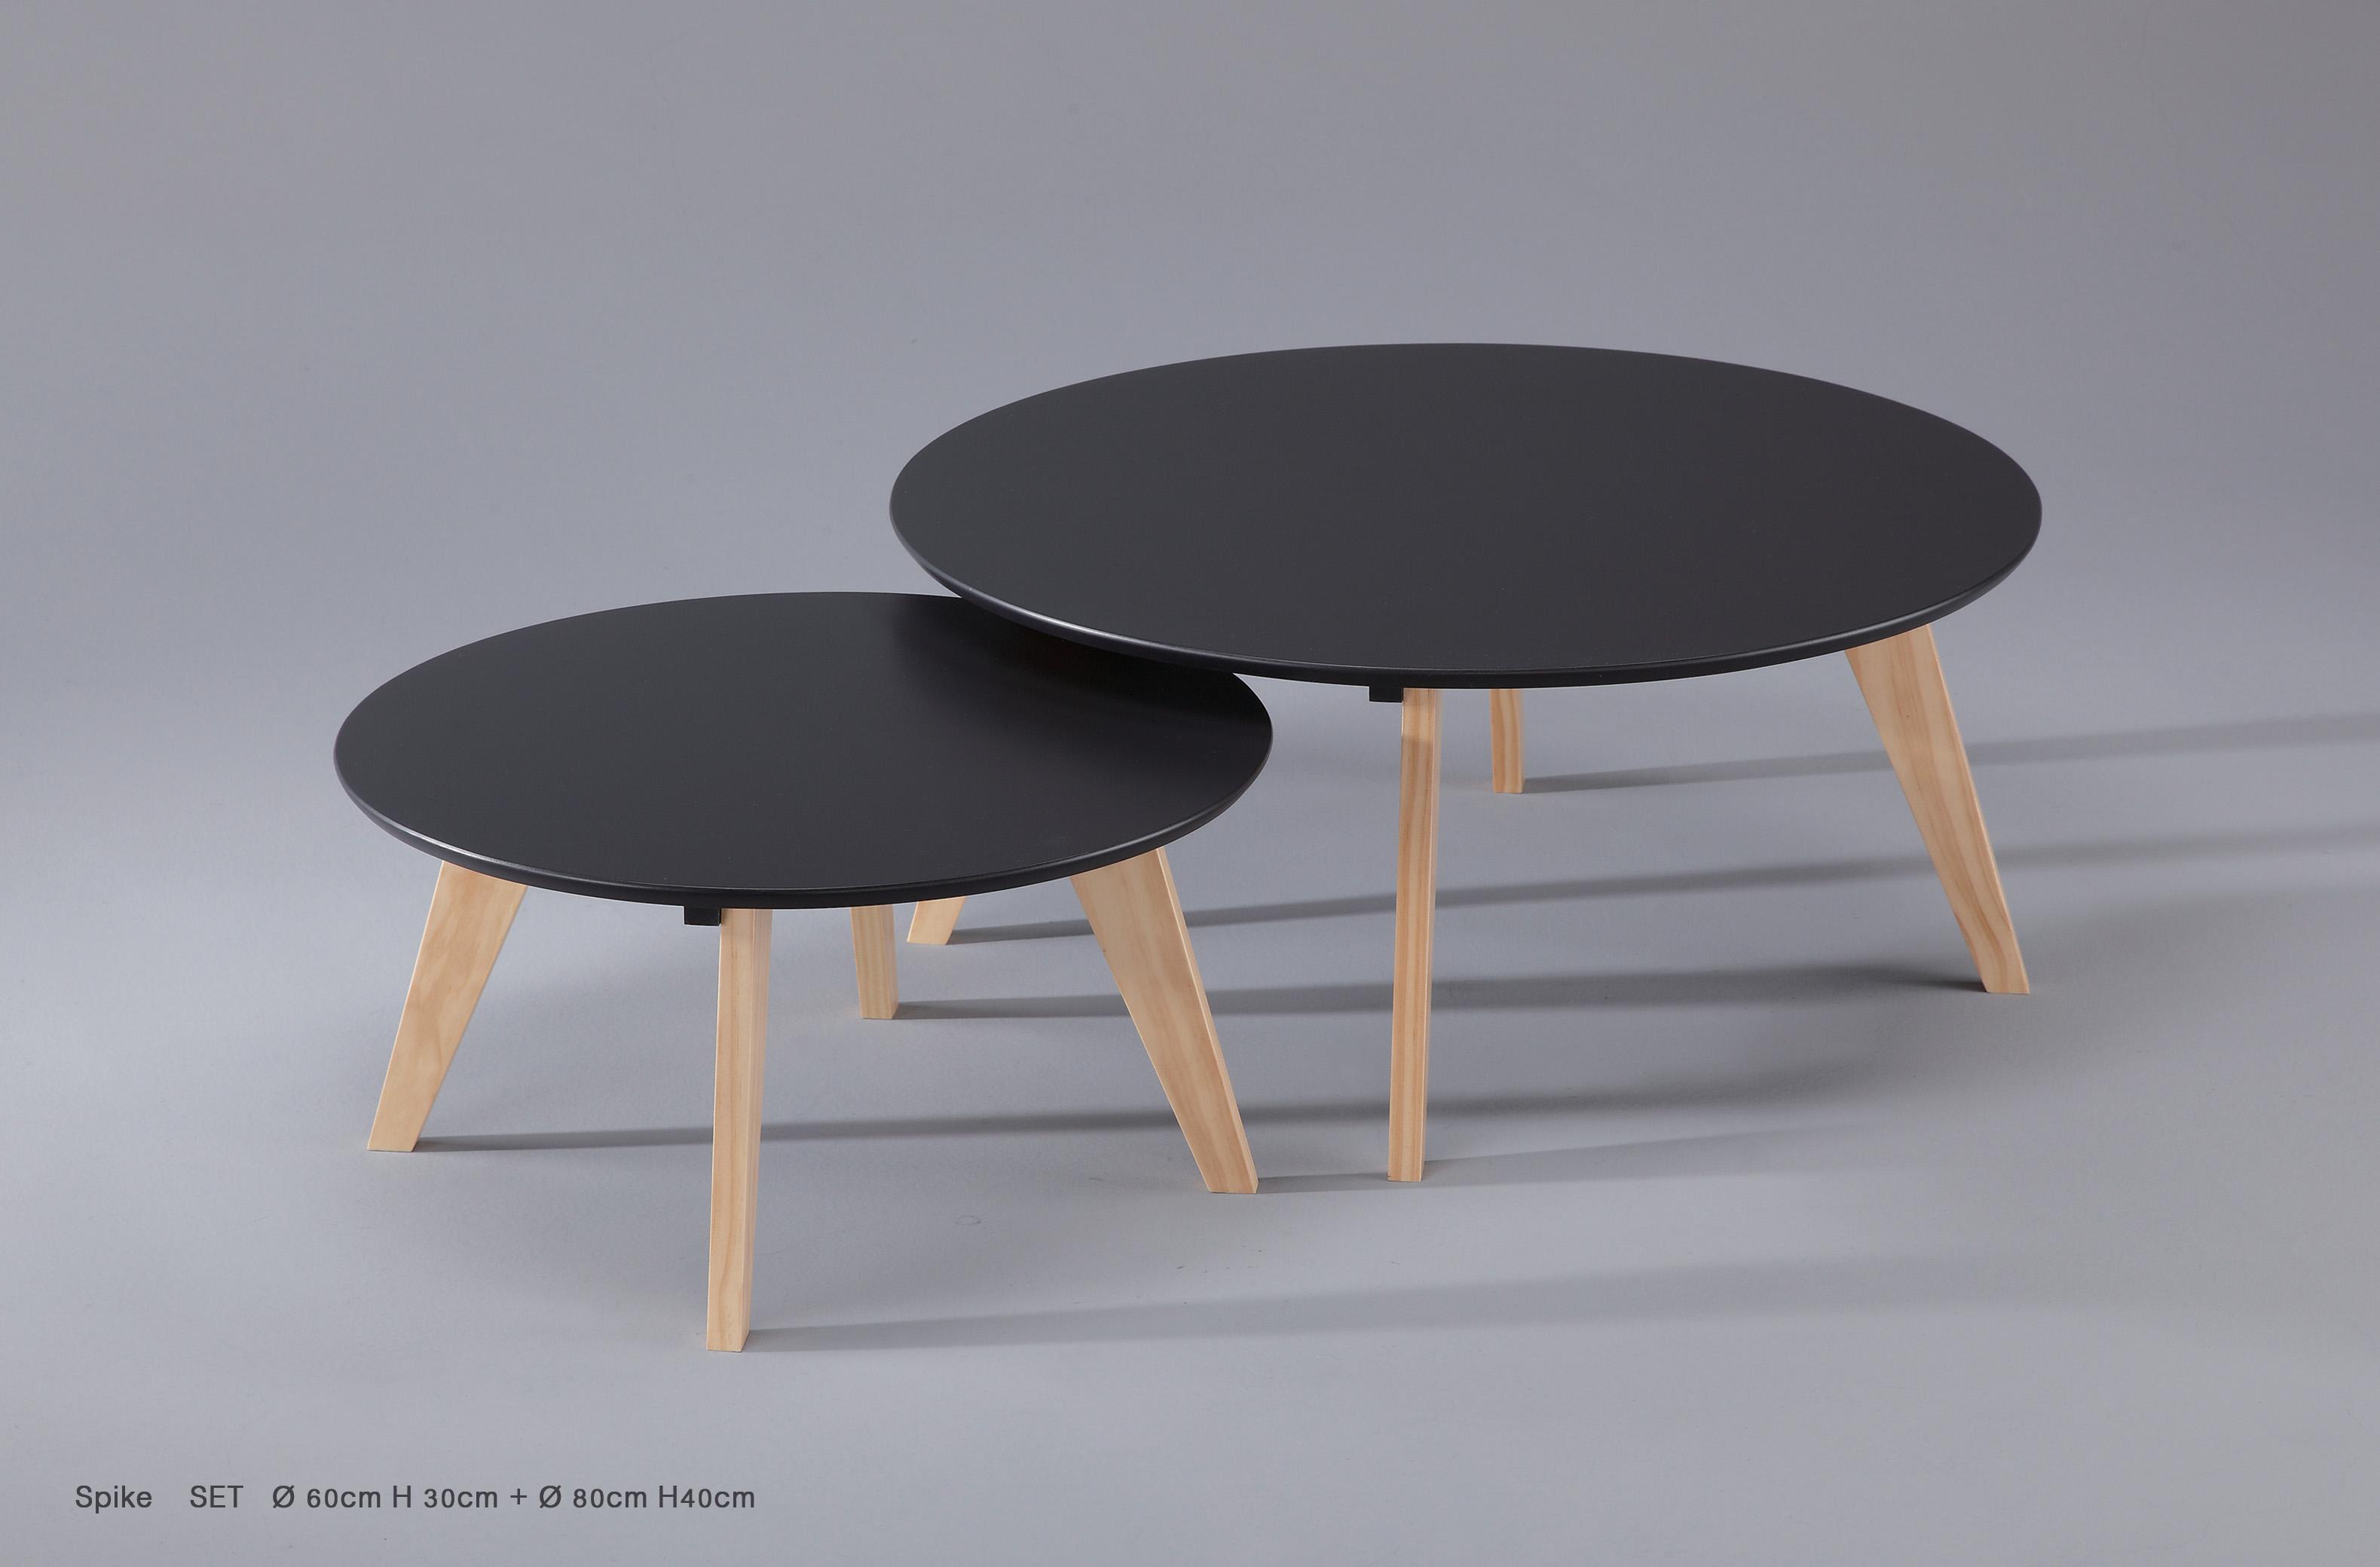 Goretti Salontafel Set Spike Collectie Kasten Tafels